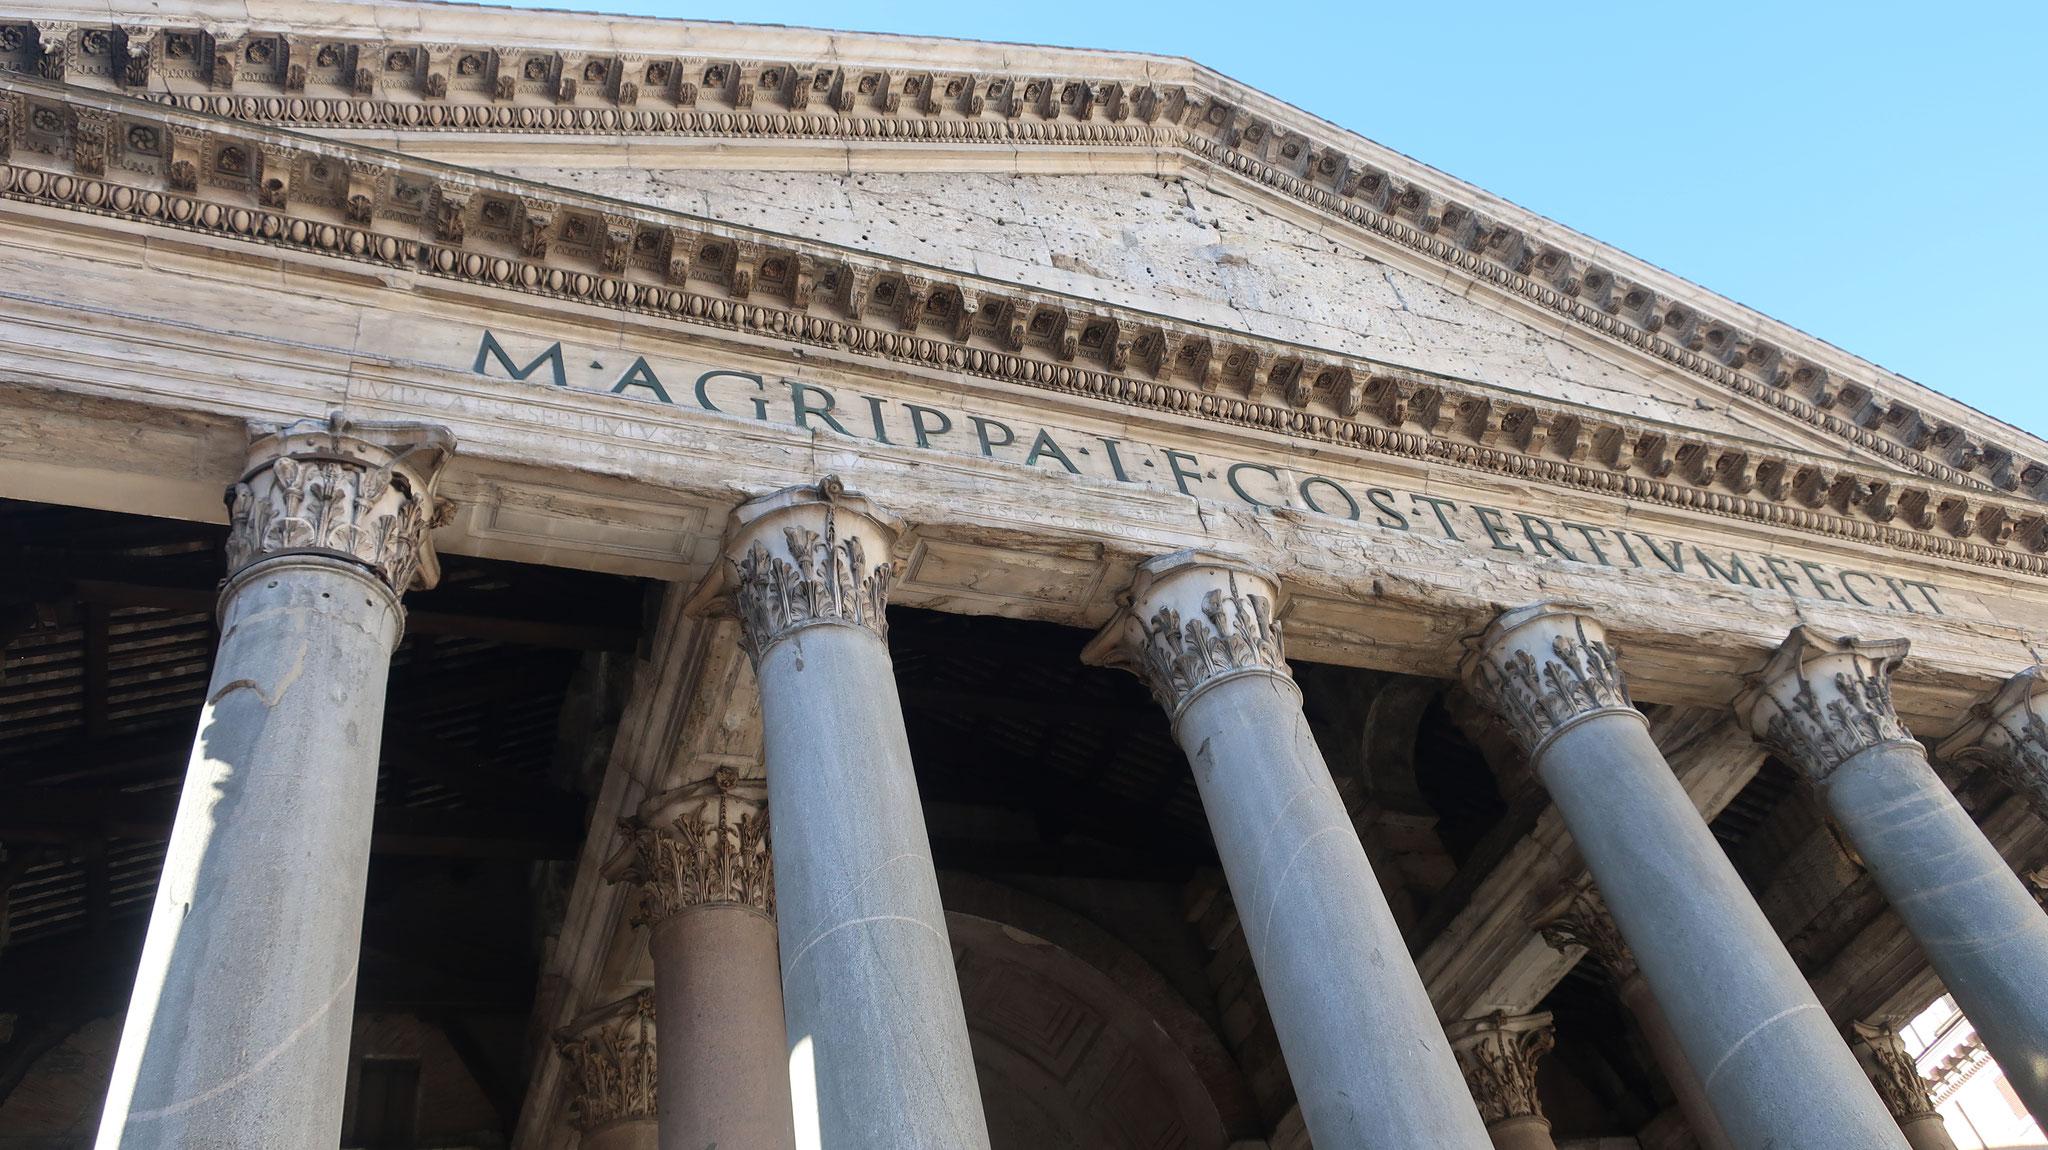 ハドリアヌス帝はローマ皇帝としては珍しく自己顕示欲のない人で、正面列柱の上に、自分の名ではなく「アグリッパこれを建立す」と刻みました。